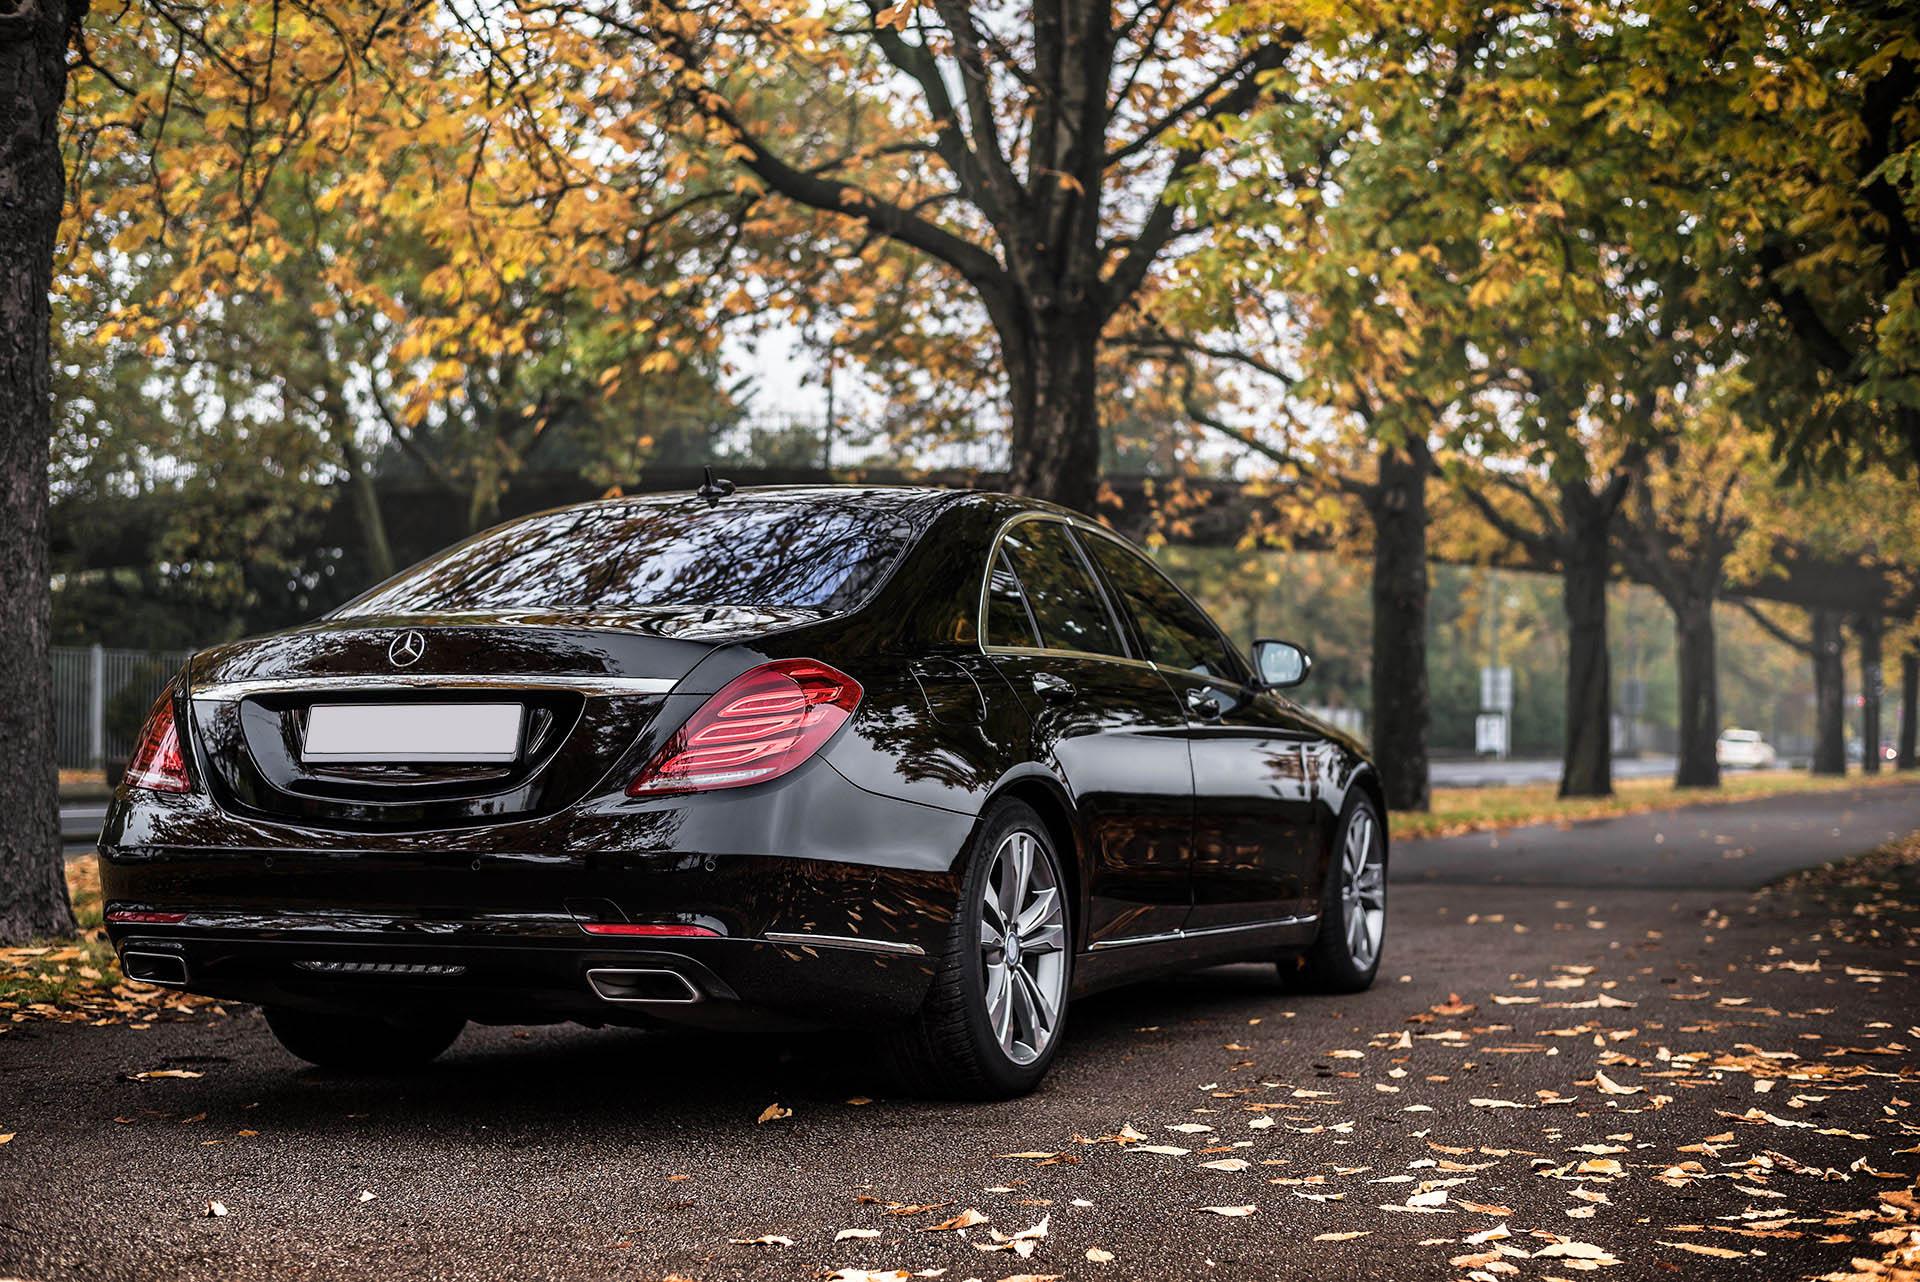 B+K_Sportwagen_Rheinland_GmbH_Mercedes_Benz_Sklasse_500_schwarz_6